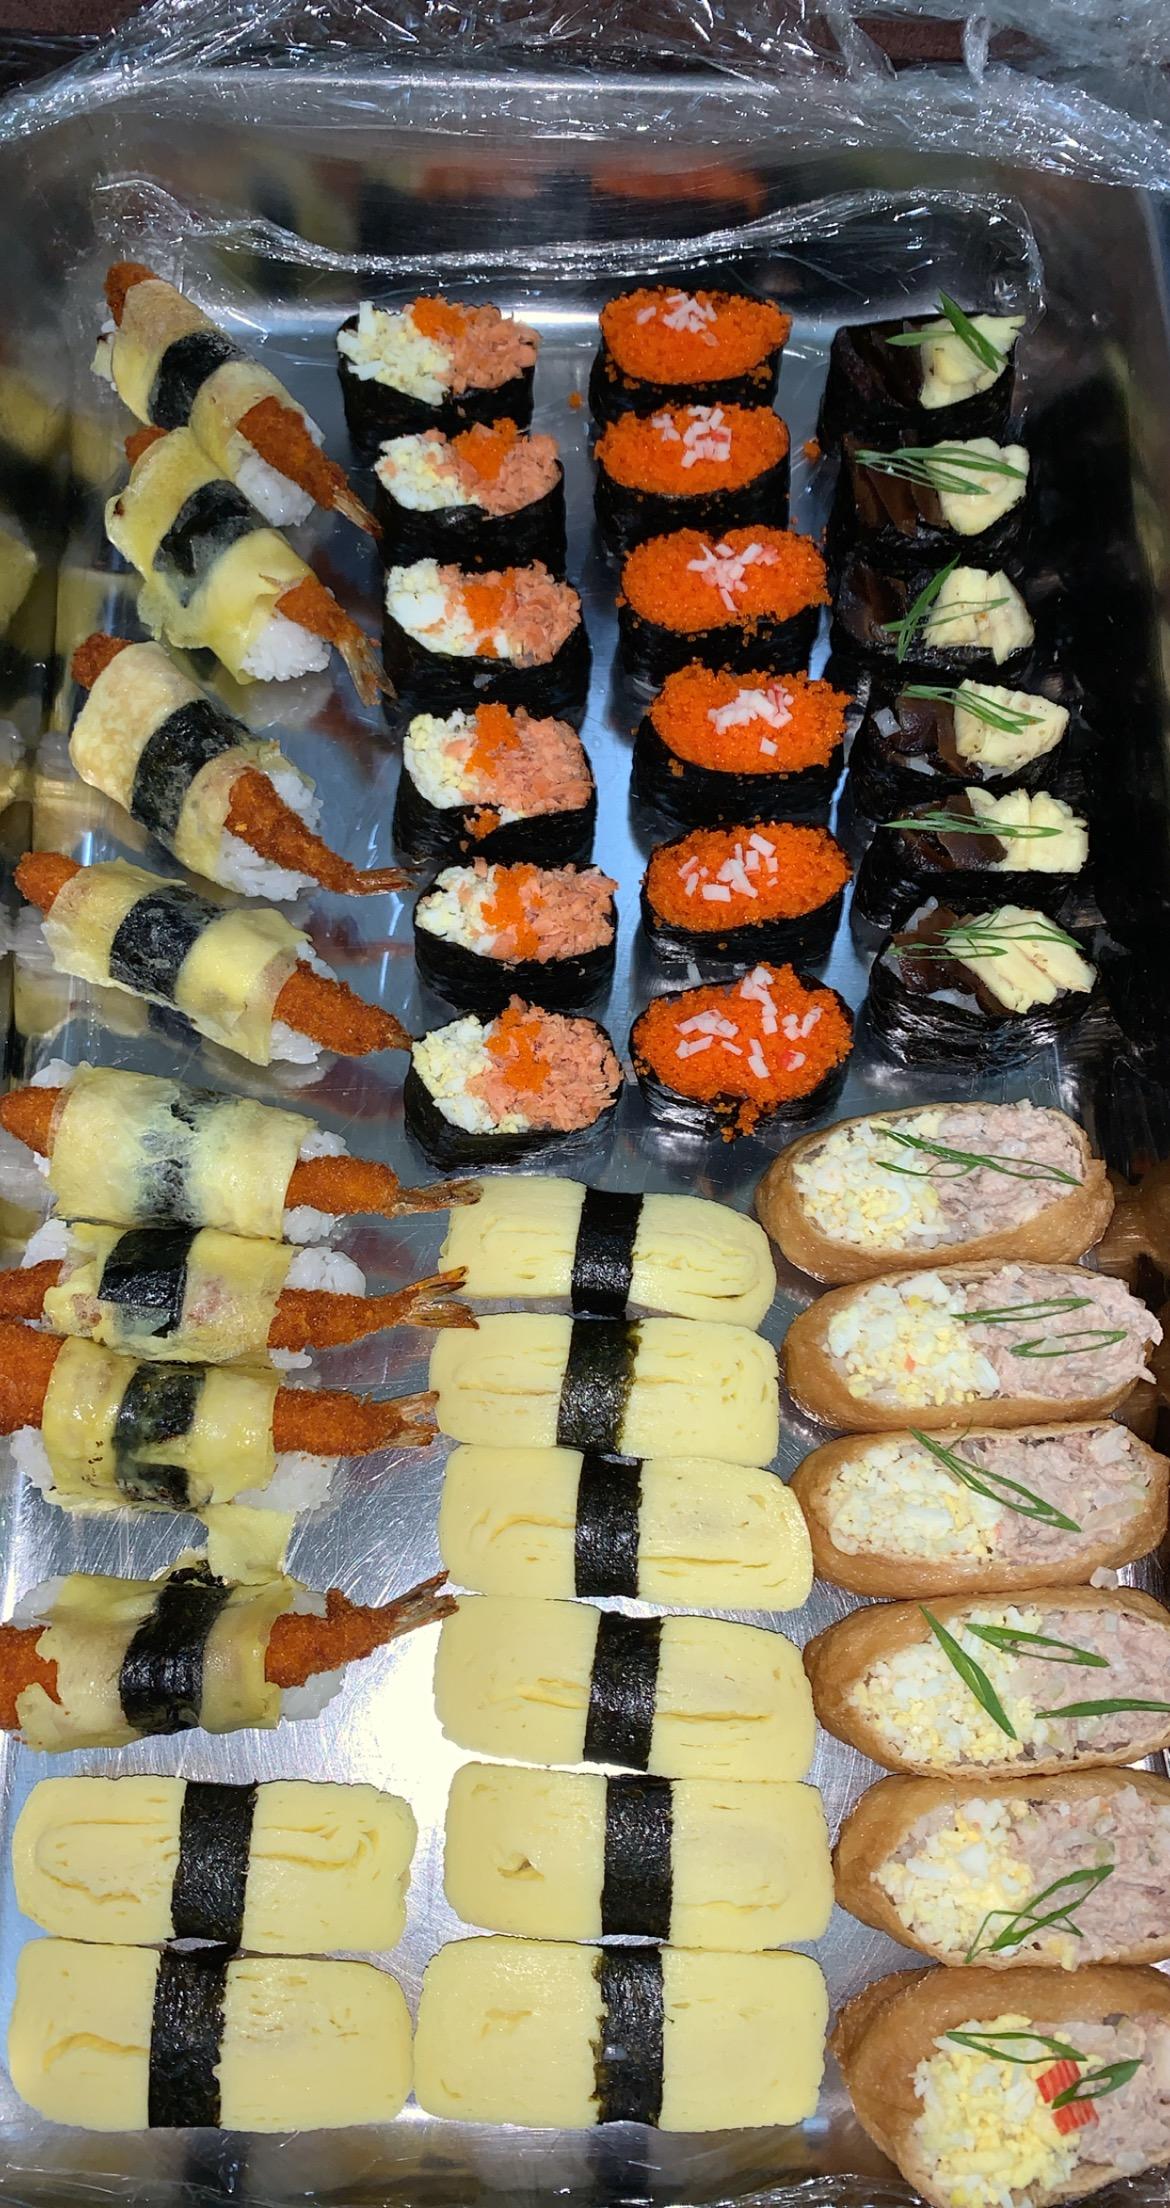 LiLi Chee Cheong Fan Sushi Balik Pulau